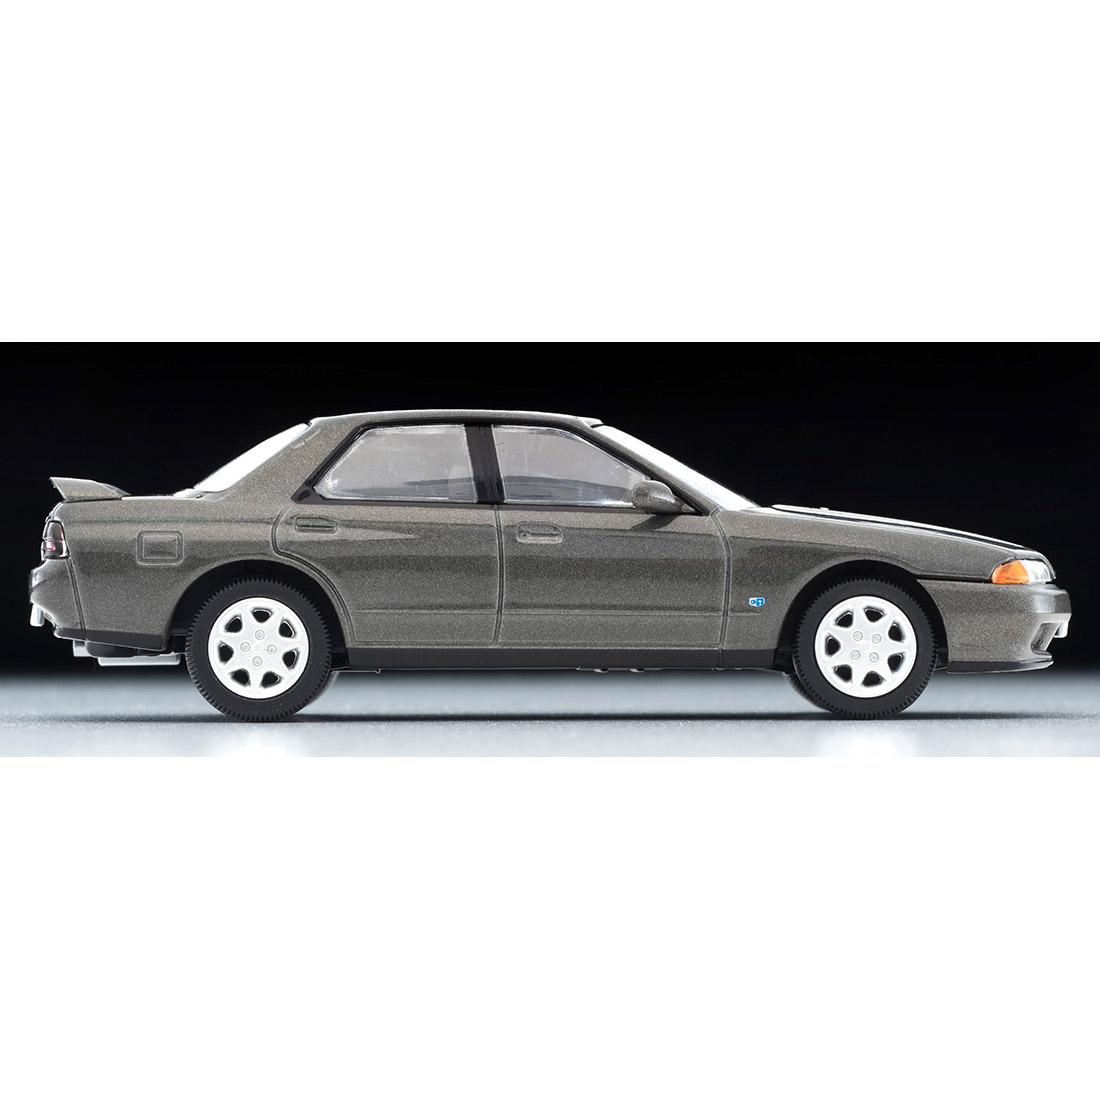 トミカリミテッドヴィンテージ ネオ『LV-N194a 日産スカイライン GTS25 タイプX・G (グレー)』ミニカー-007